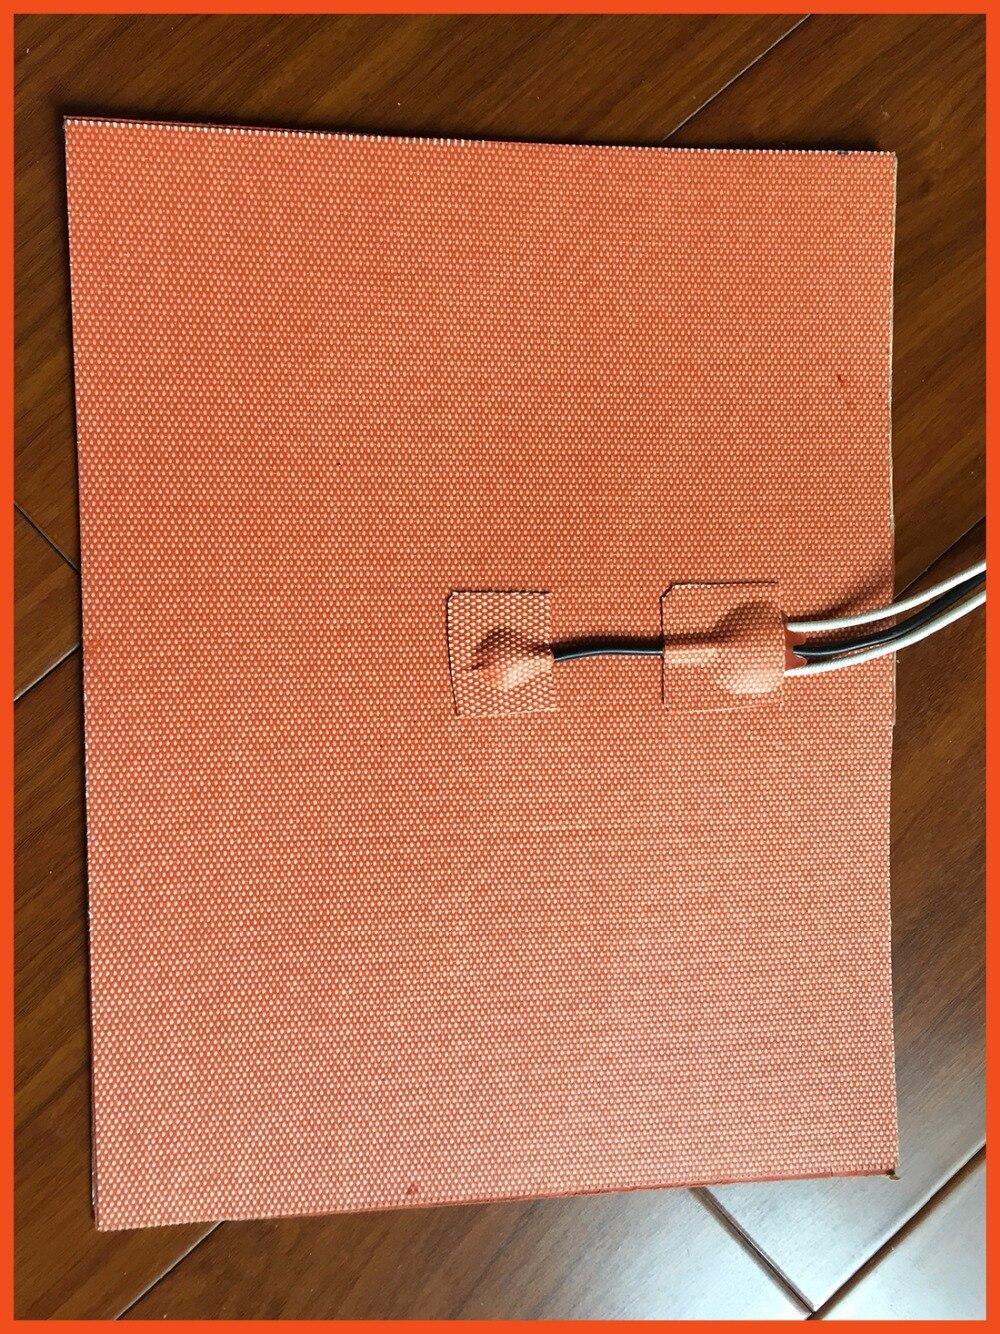 Silicone stampante 3d letto riscaldato 480*450mm 110 v 1000 w 3m adhesive 100 k termistore filo di piombo oil heater stampante